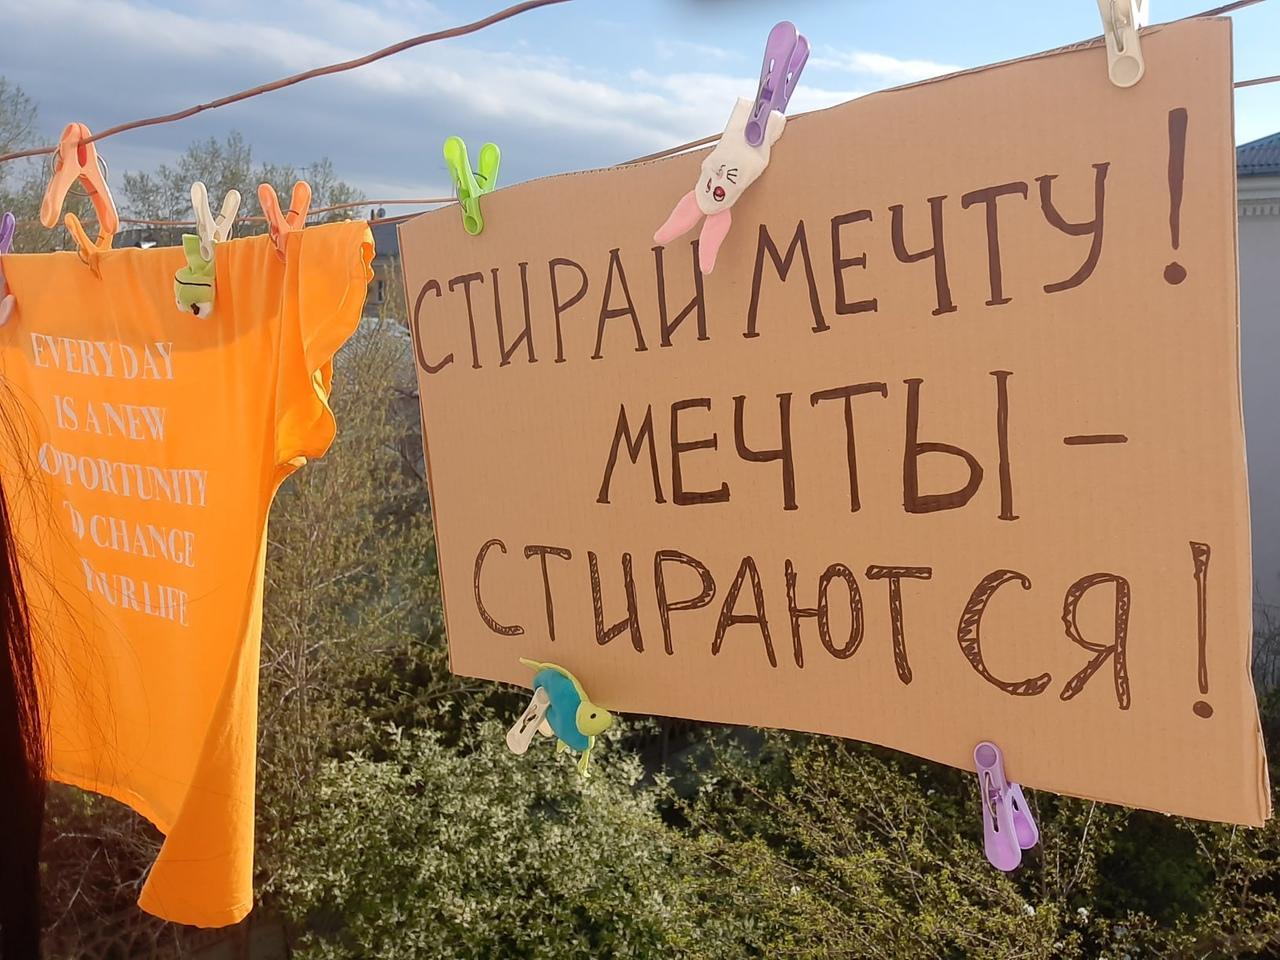 фото «Монстрация» в соцсетях: что публикуют жители Новосибирска 1 мая 2021 года после запрета выходить на улицу 5